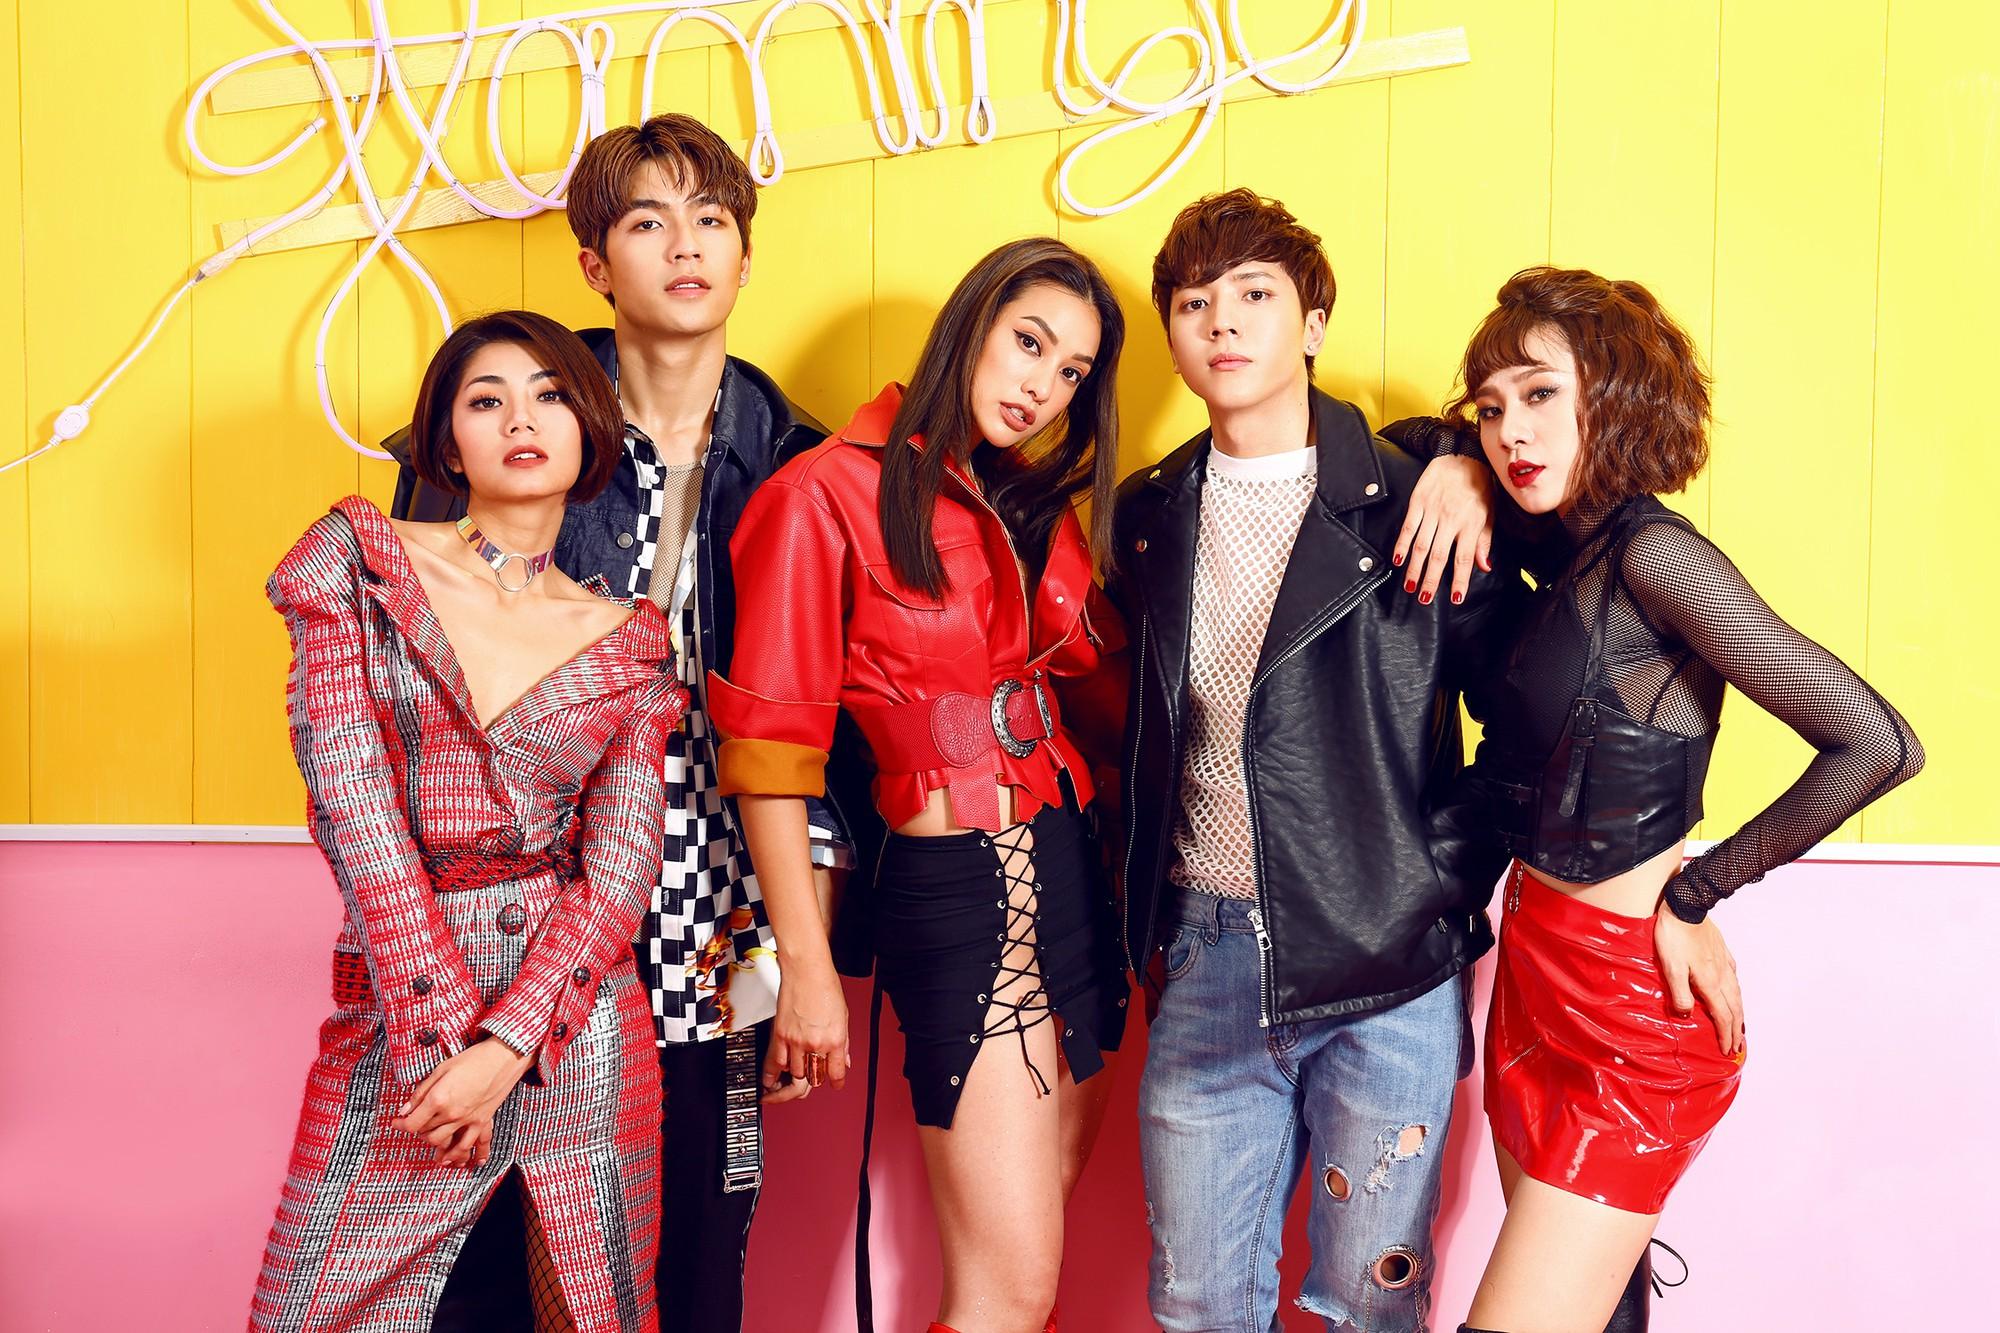 Châu Đăng Khoa sáng tác ca khúc lật mặt showbiz lấy cảm hứng từ scandal của Hương Tràm, Chi Pu, Đào Bá Lộc - Ảnh 7.